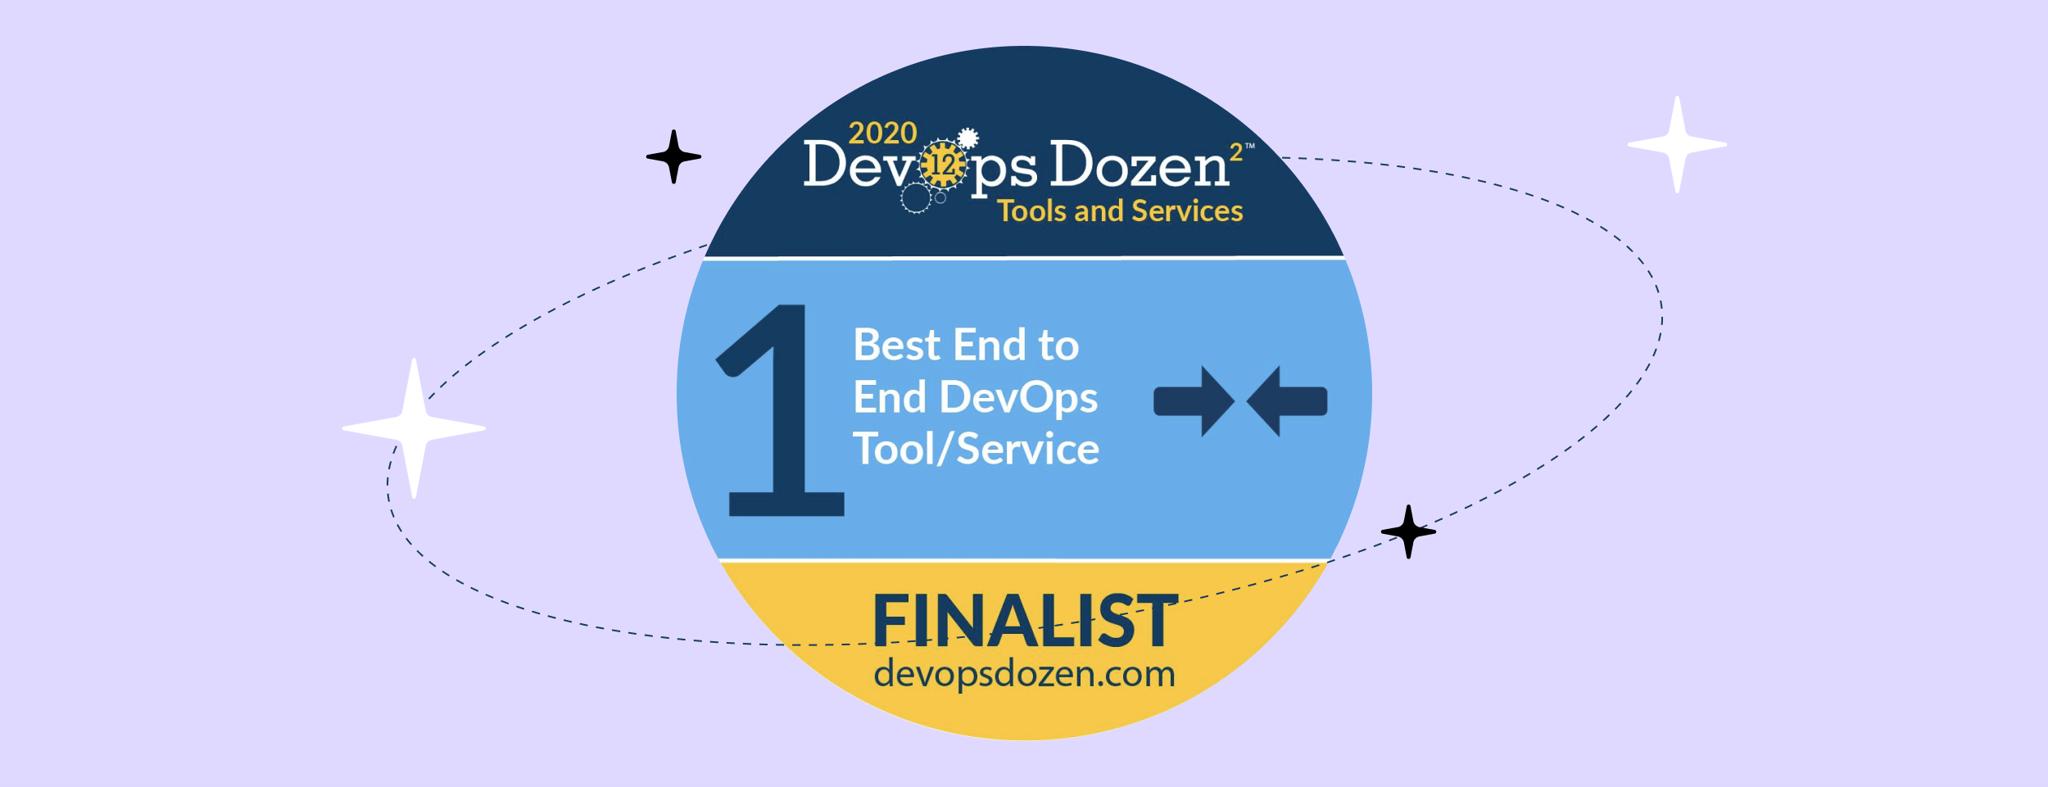 DevOps Dozen Awards 2020 badge